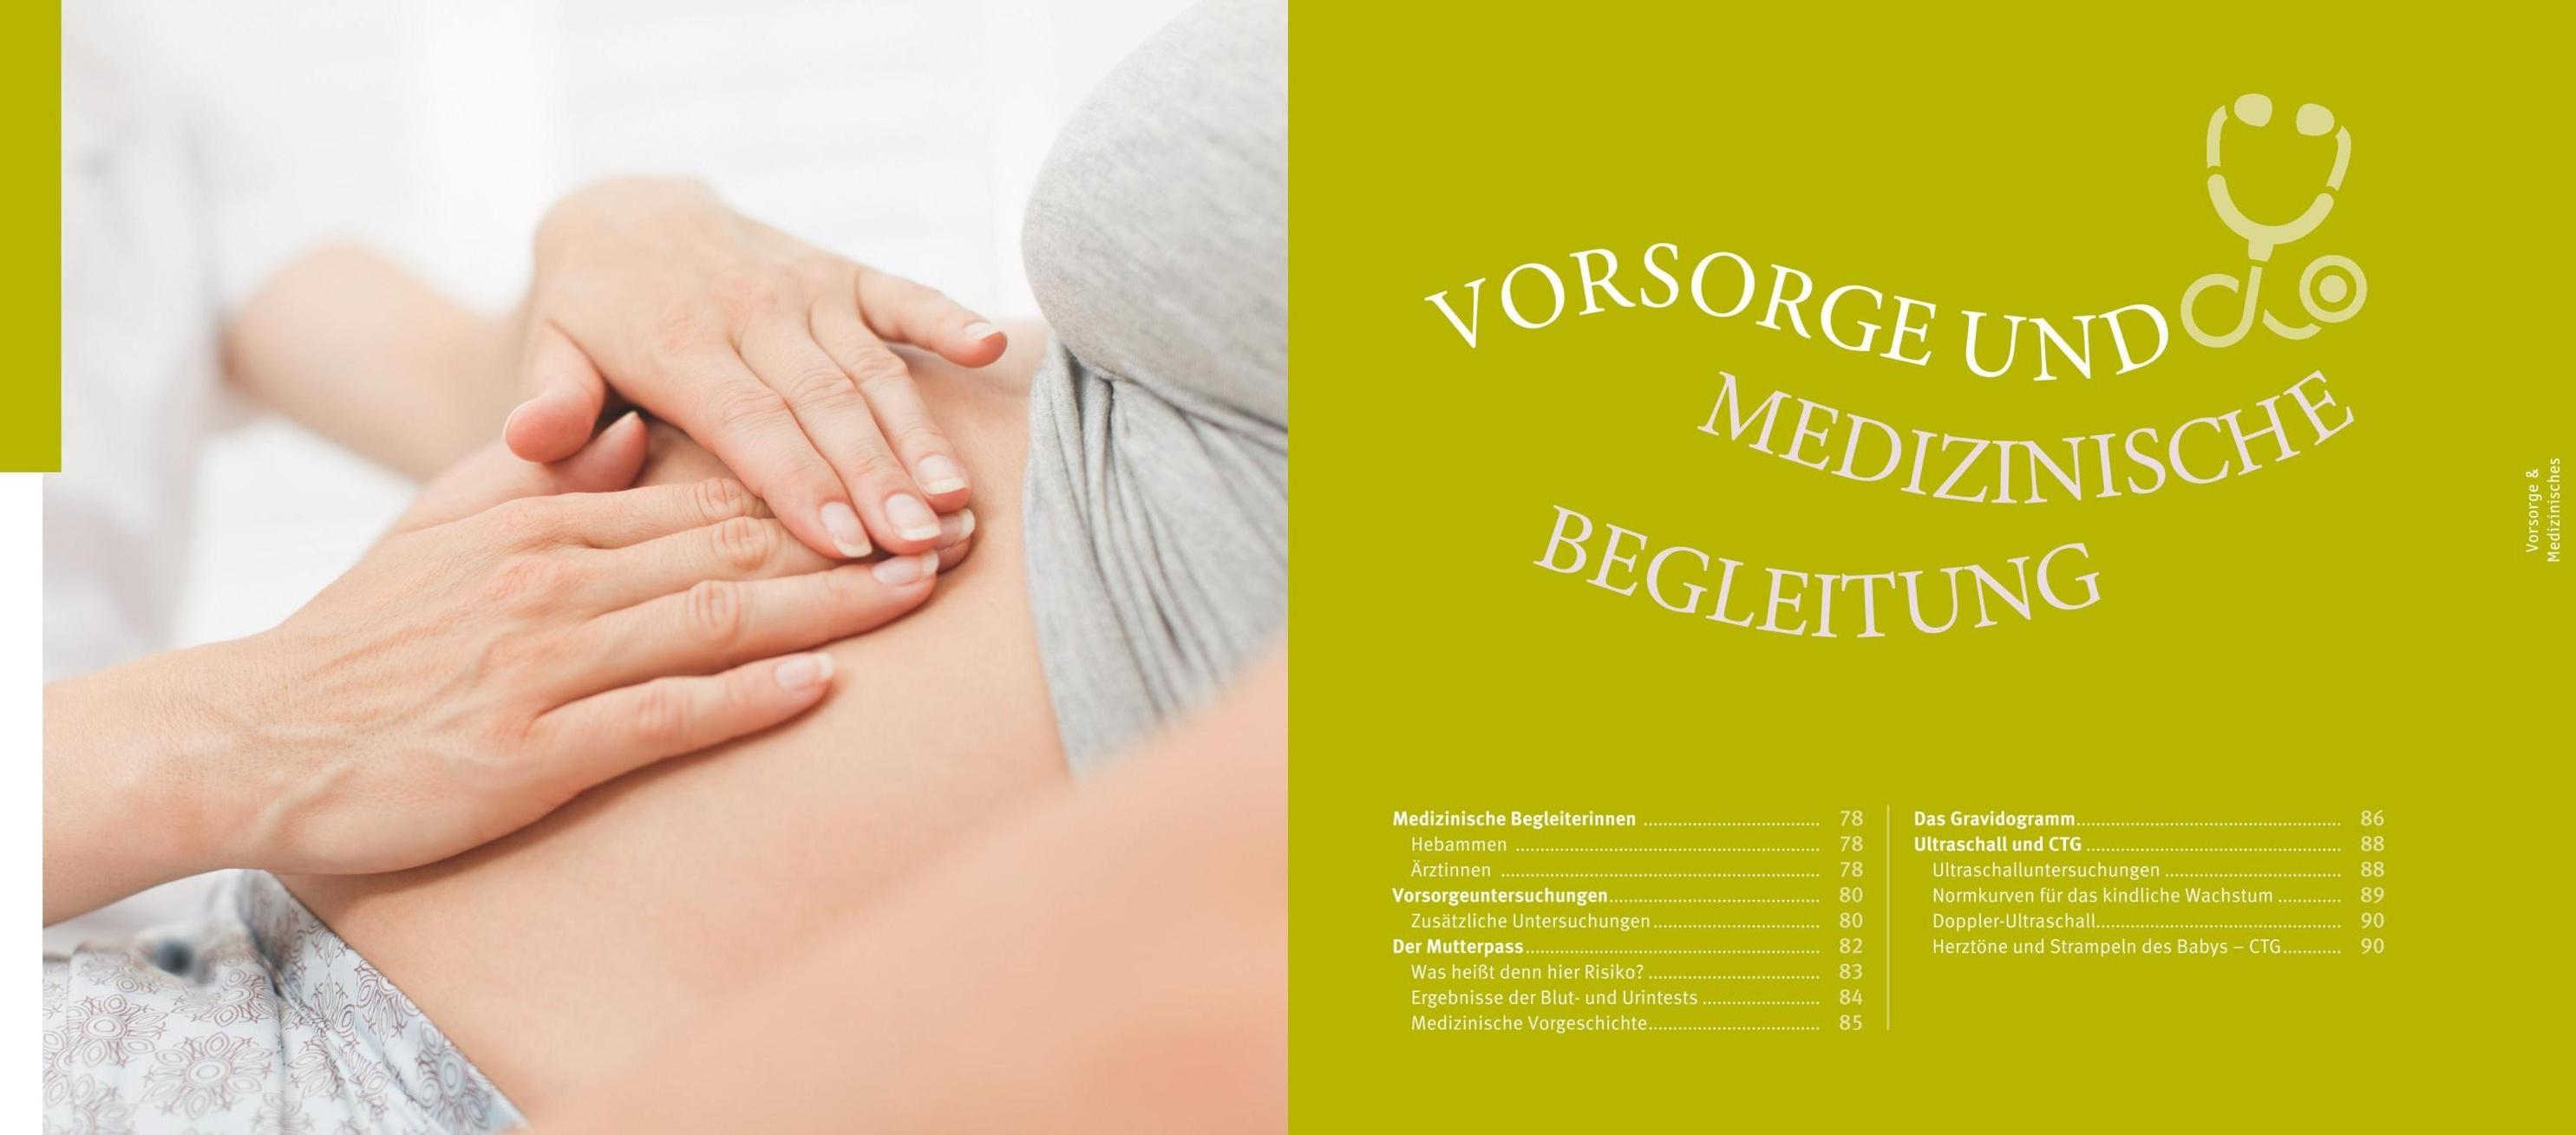 erotische geschichten das risiko, schwanger zu werden